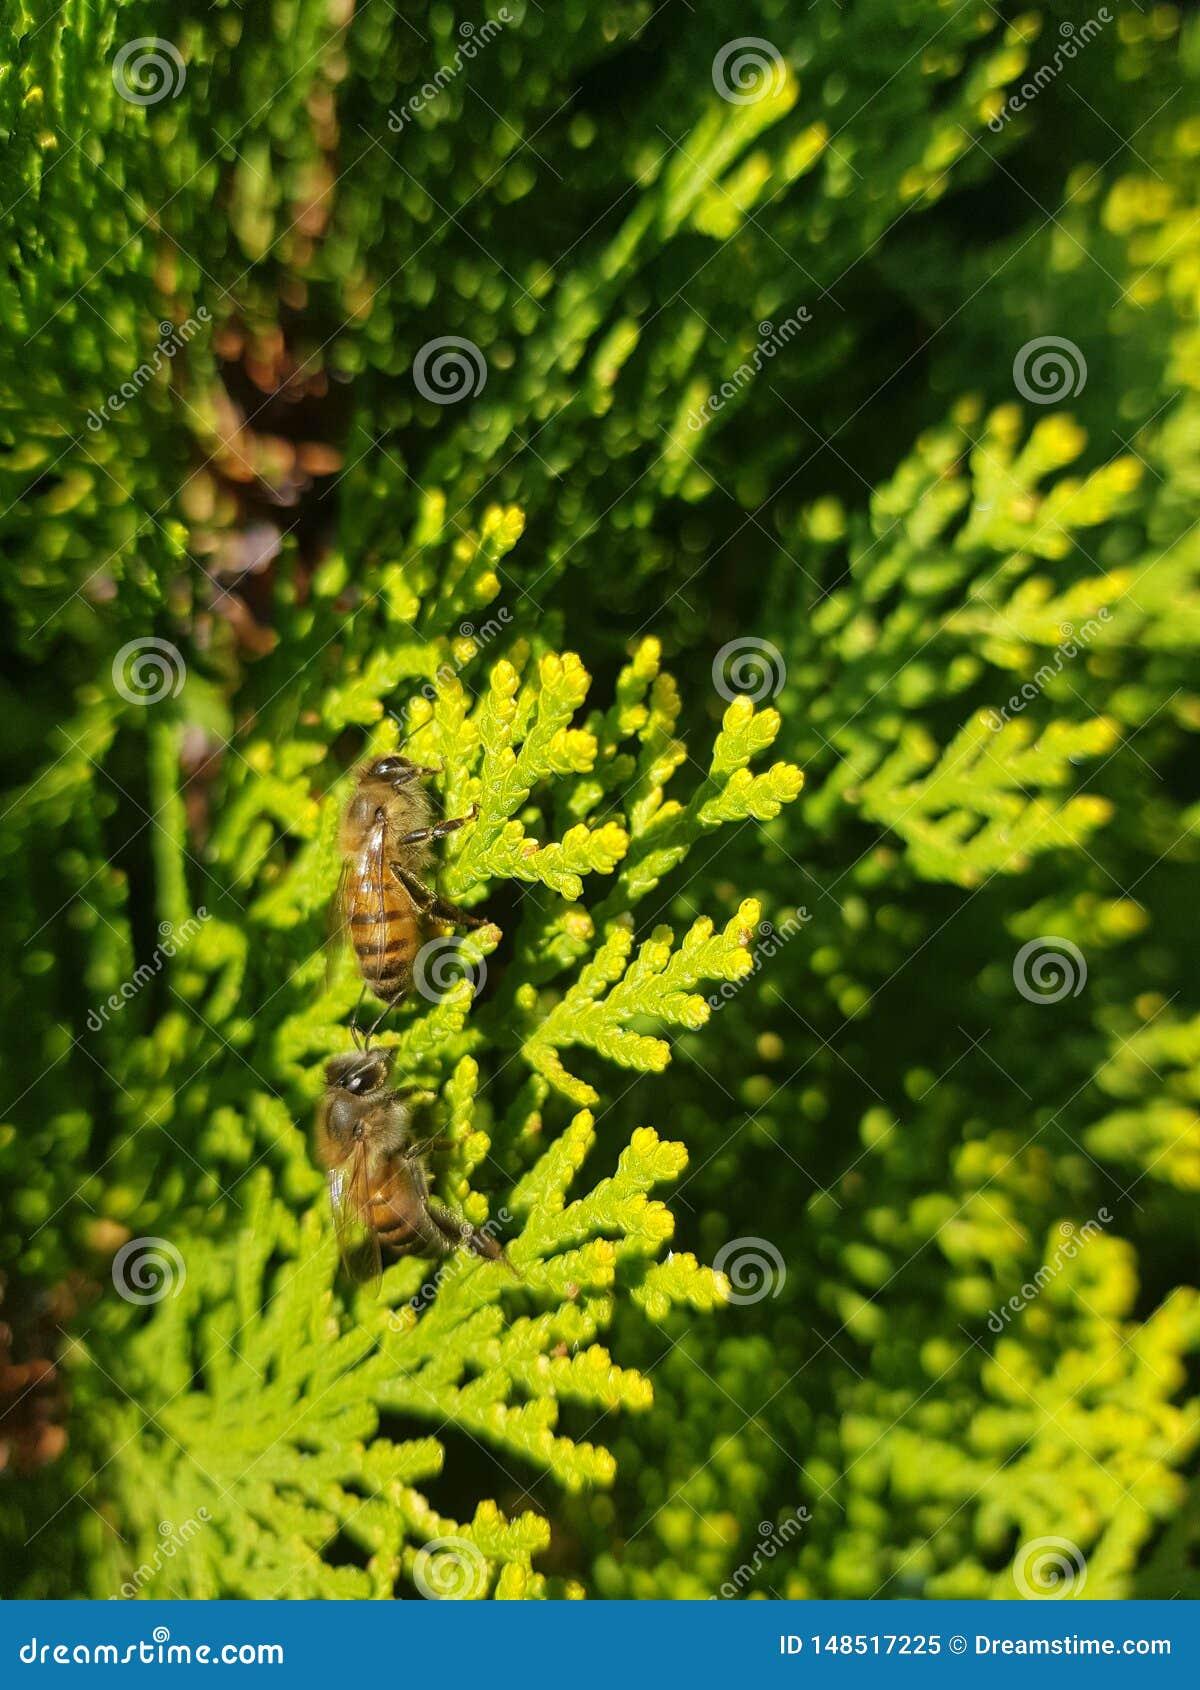 Abelhas que são abelhas em torno das árvores